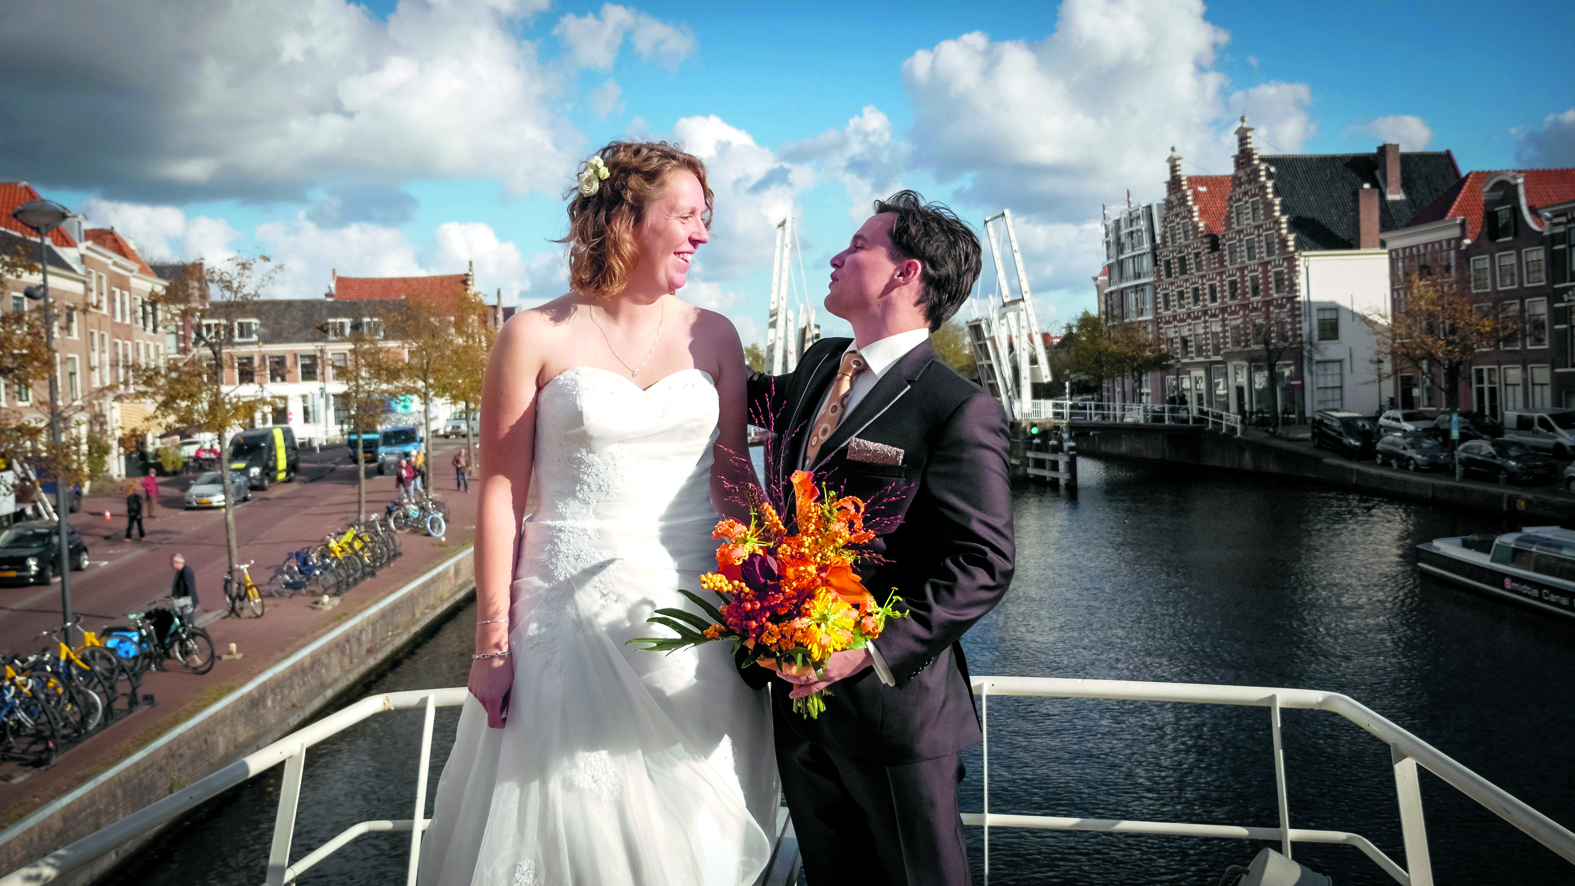 Jelle Woortman en Puck Metsers trouwen op de Johanna II op het Spaarne. (foto aangeleverd)